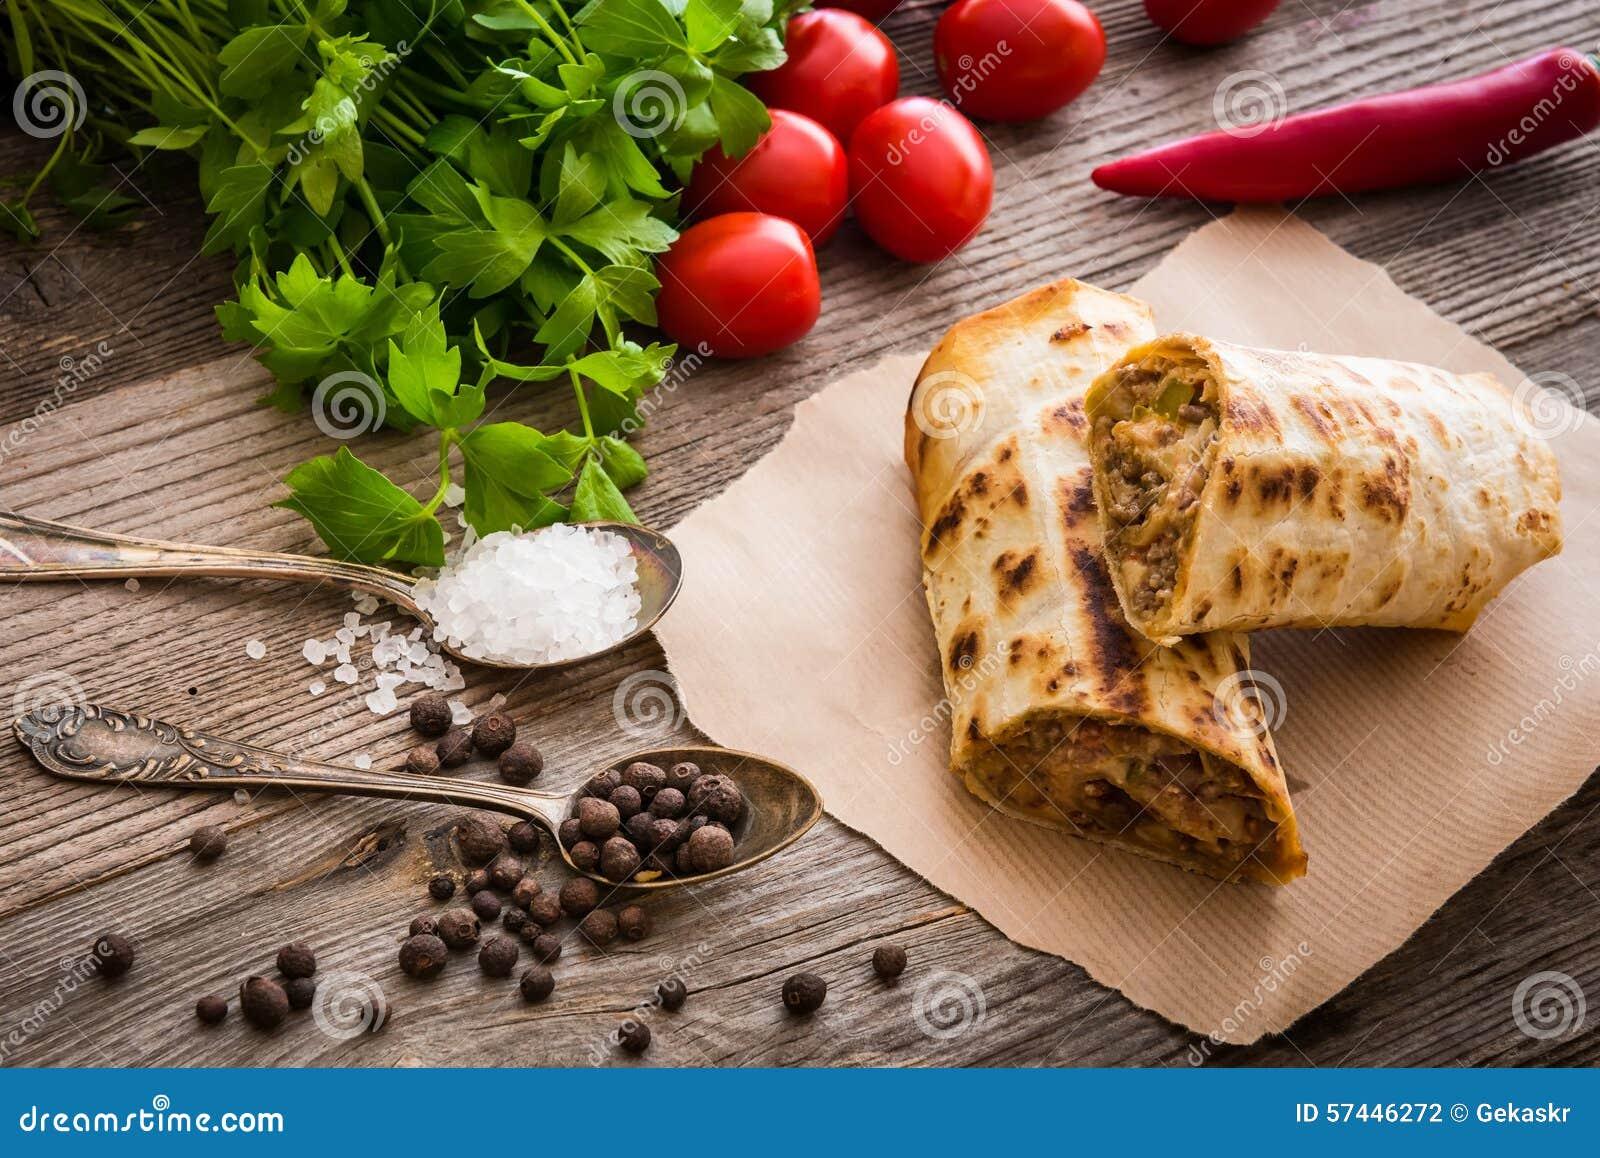 Burrito com vegetais